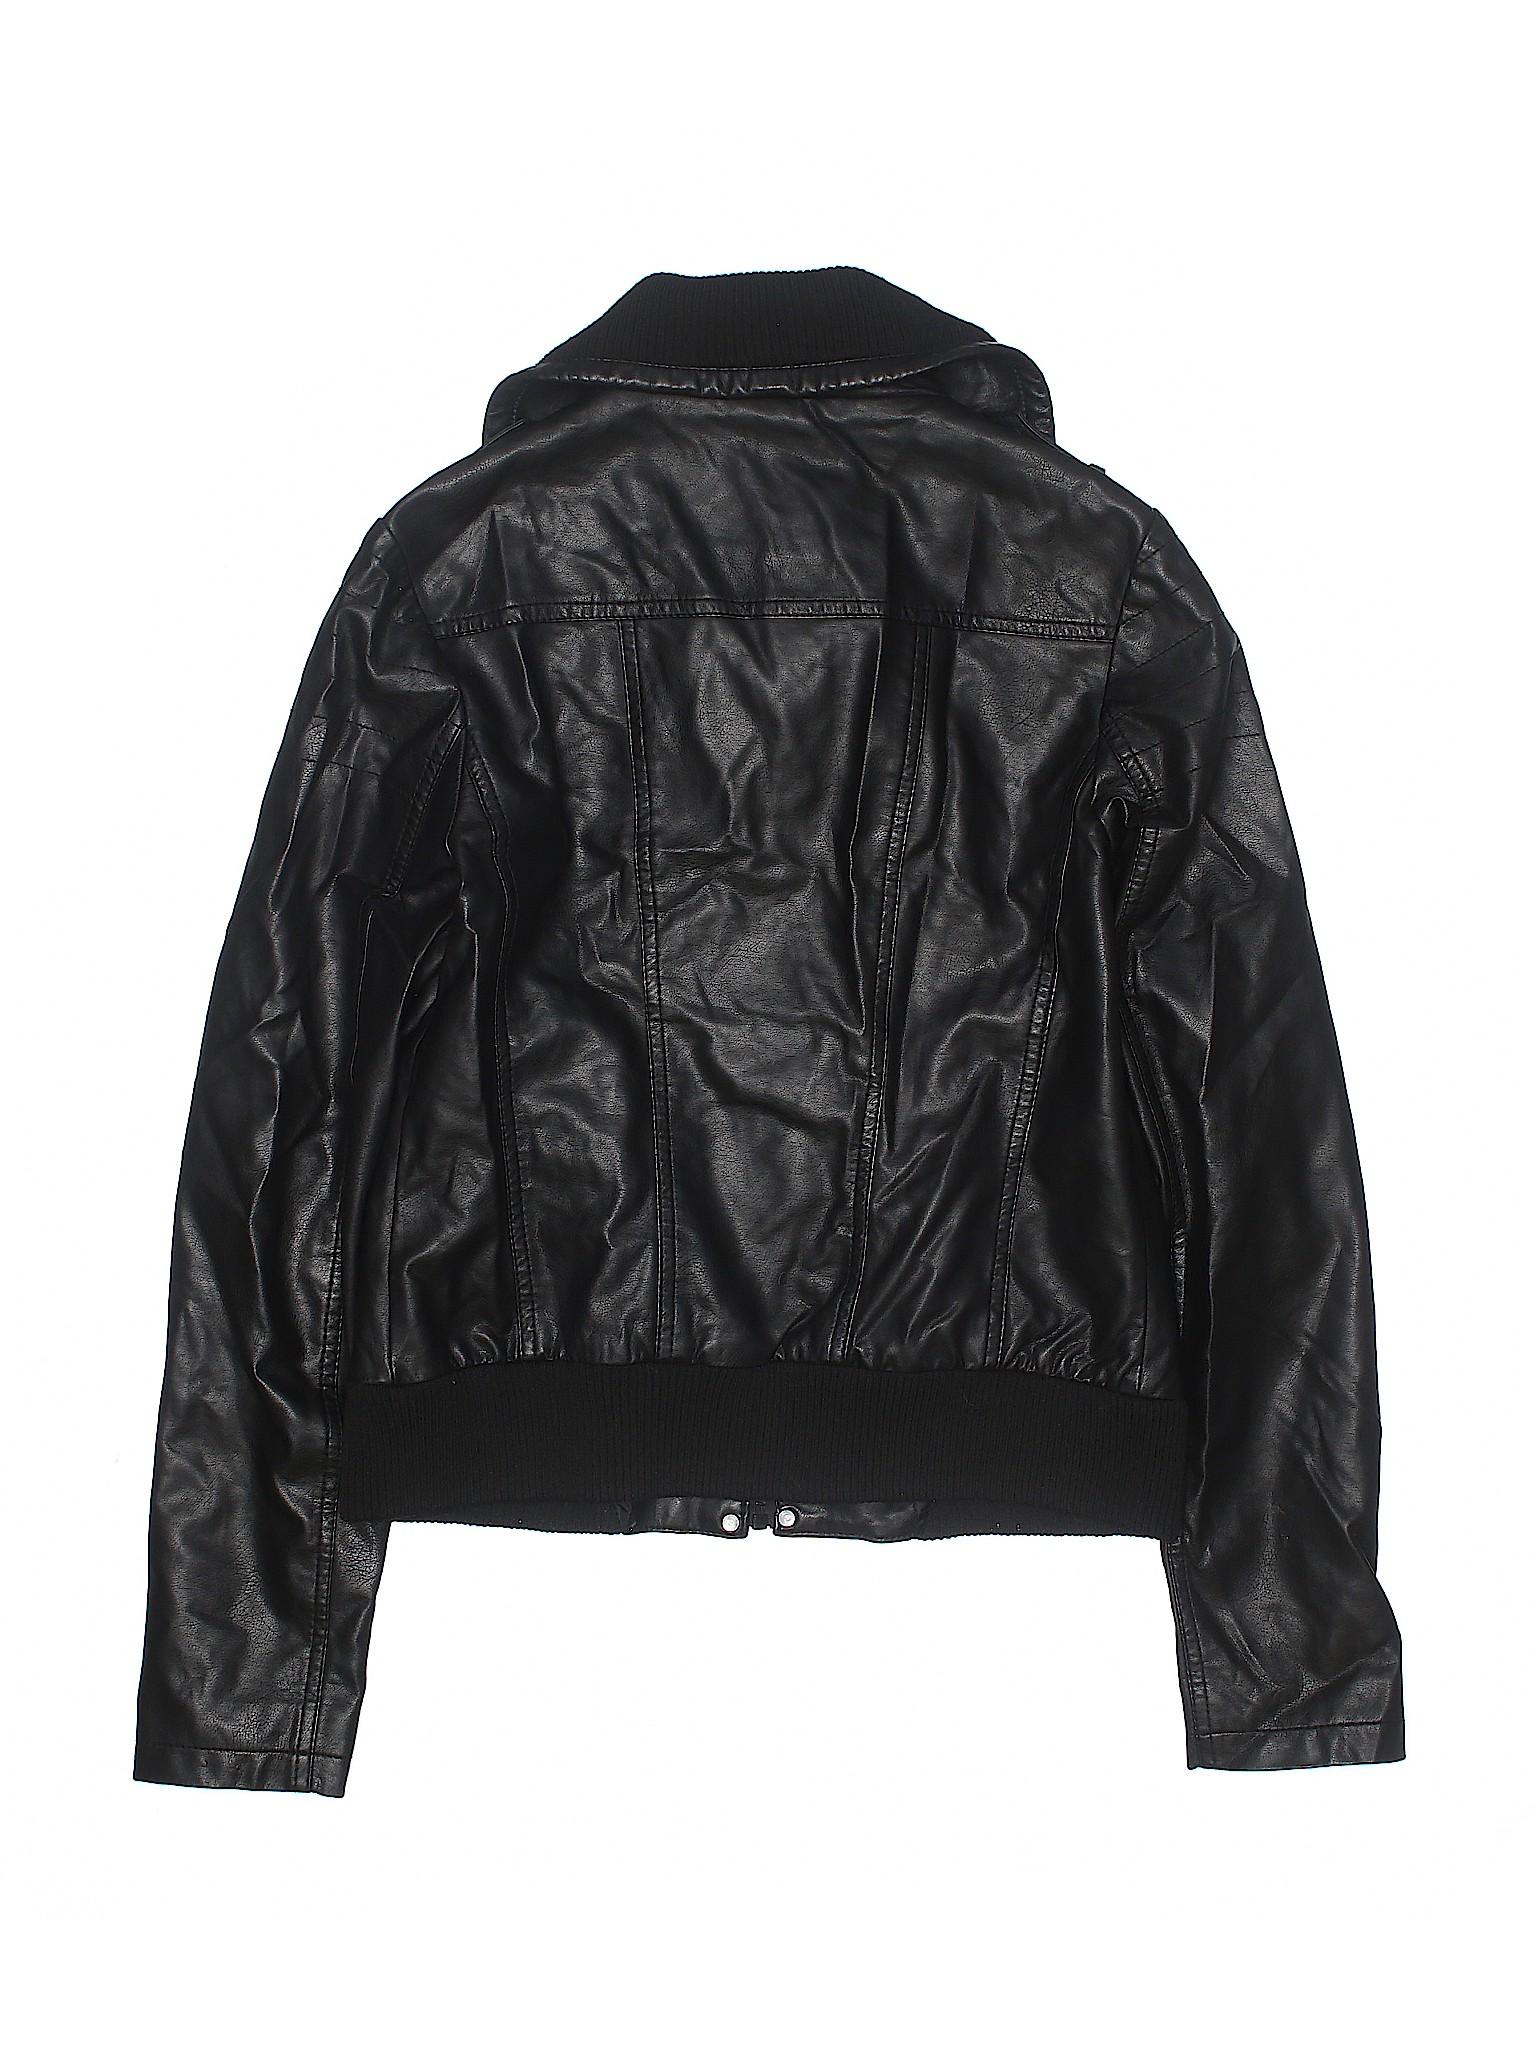 Leather Faux Boutique Jacket Xhilaration leisure qRTnXYt